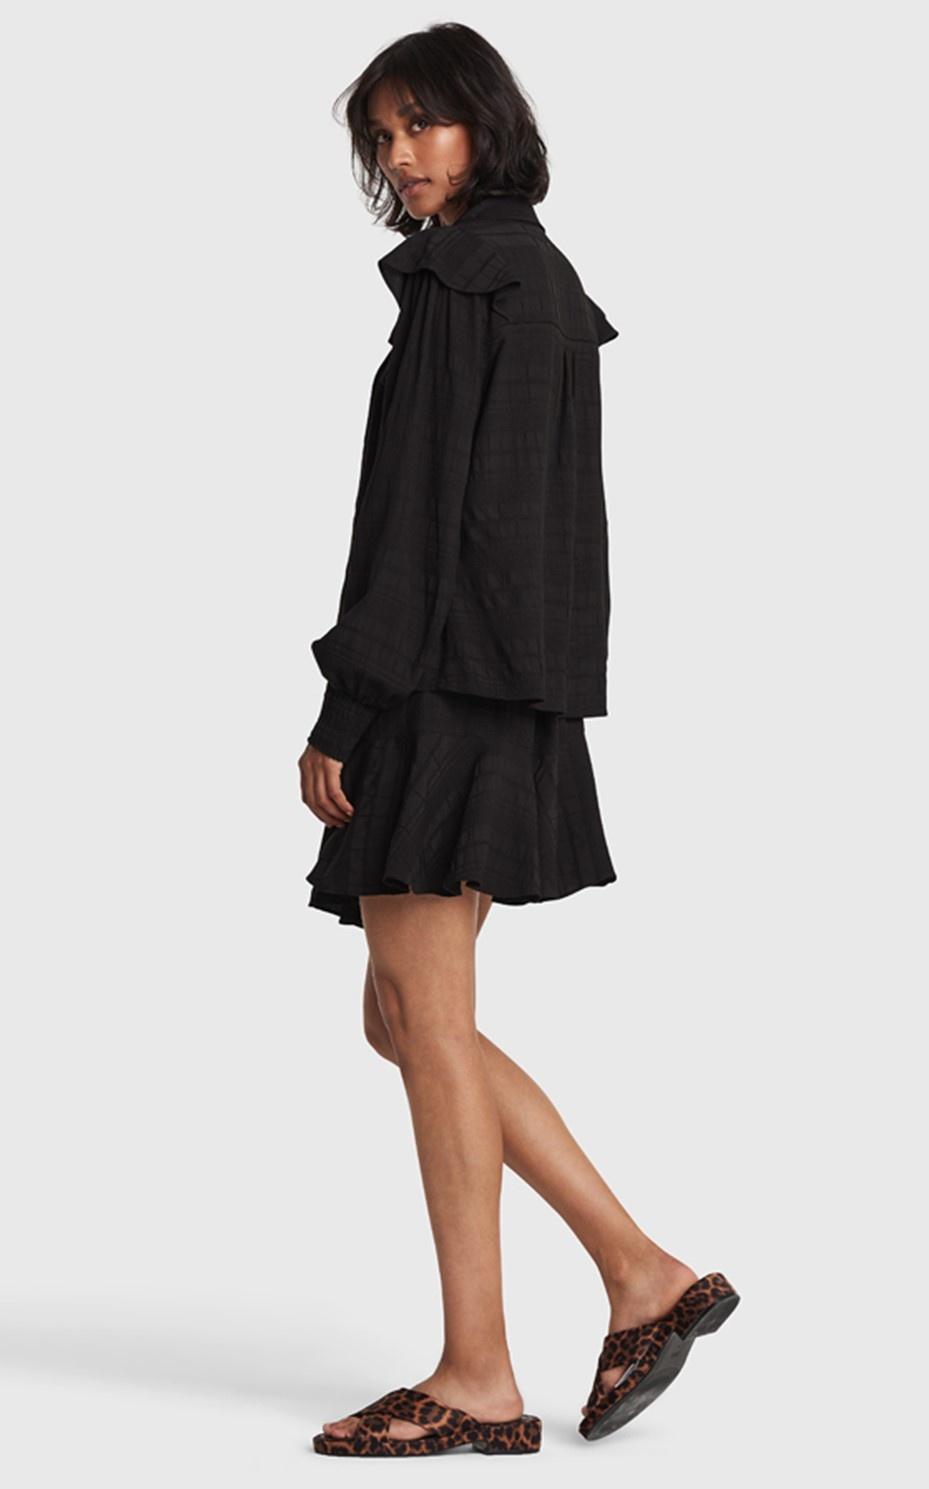 Rok ladies woven seer sucker stripe skirt black-4